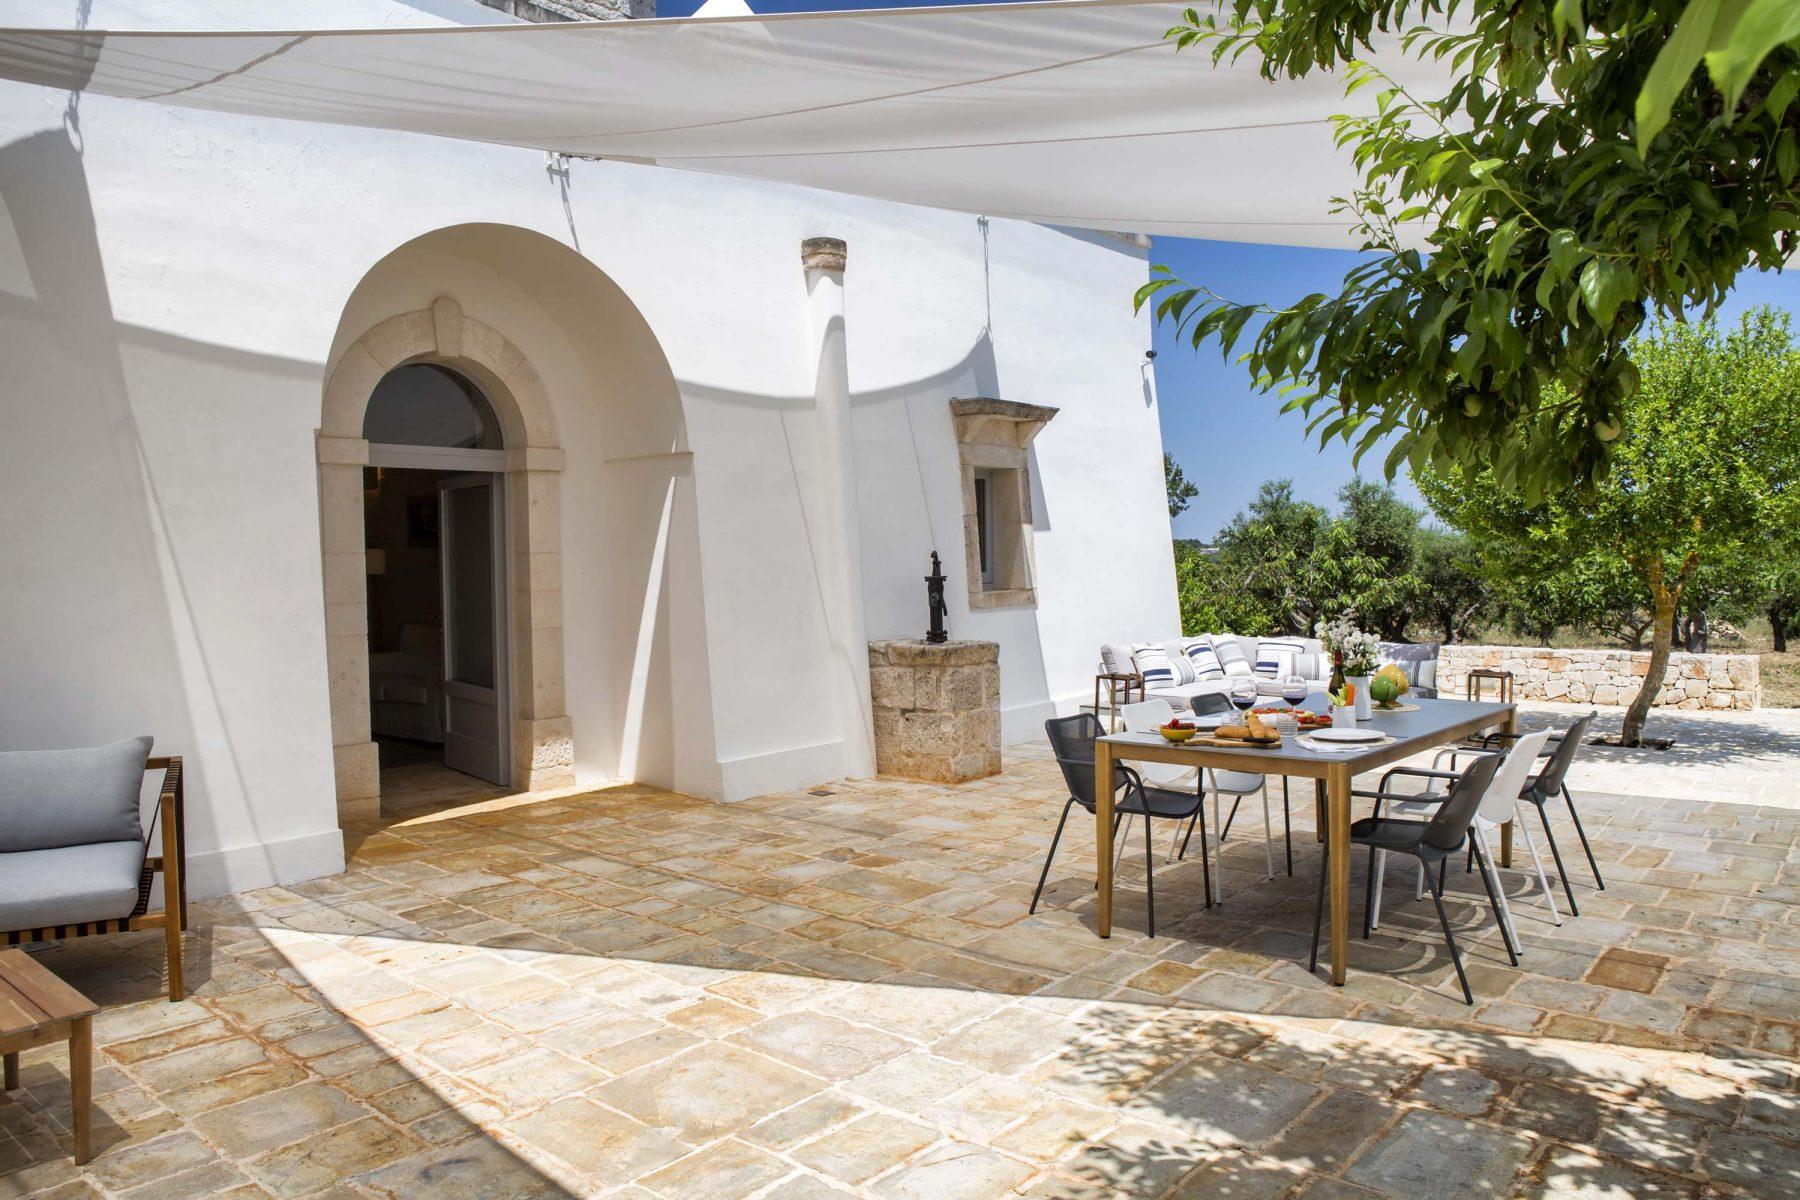 image 3 - outdoor - Dimora dei Gelsi Alberobello Puglia